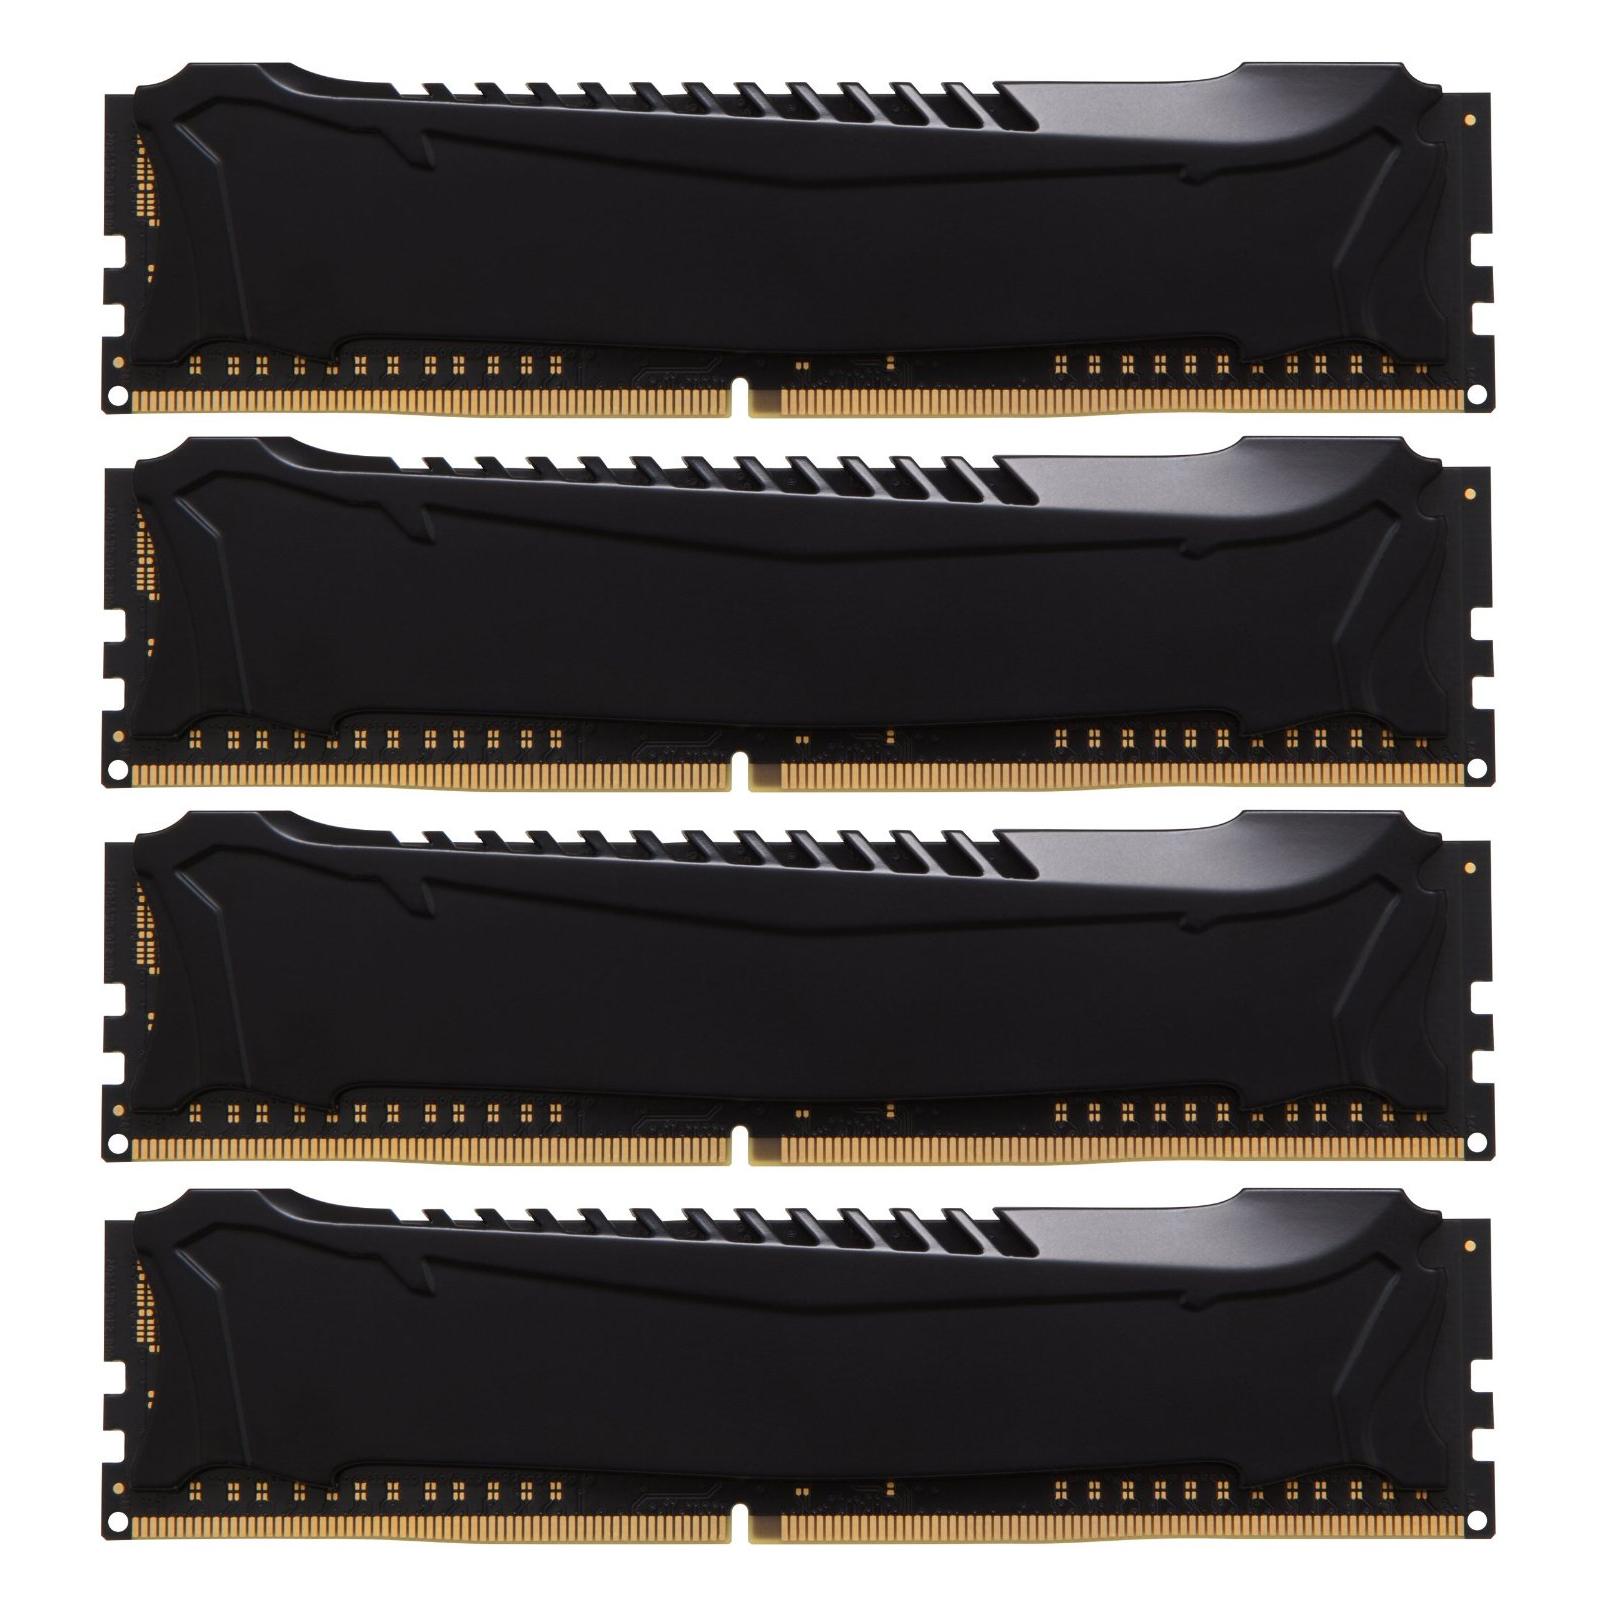 Модуль памяти для компьютера DDR4 32GB (4x8GB) 2800 MHz HyperX Savage Black Kingston (HX428C14SB2K4/32) изображение 3